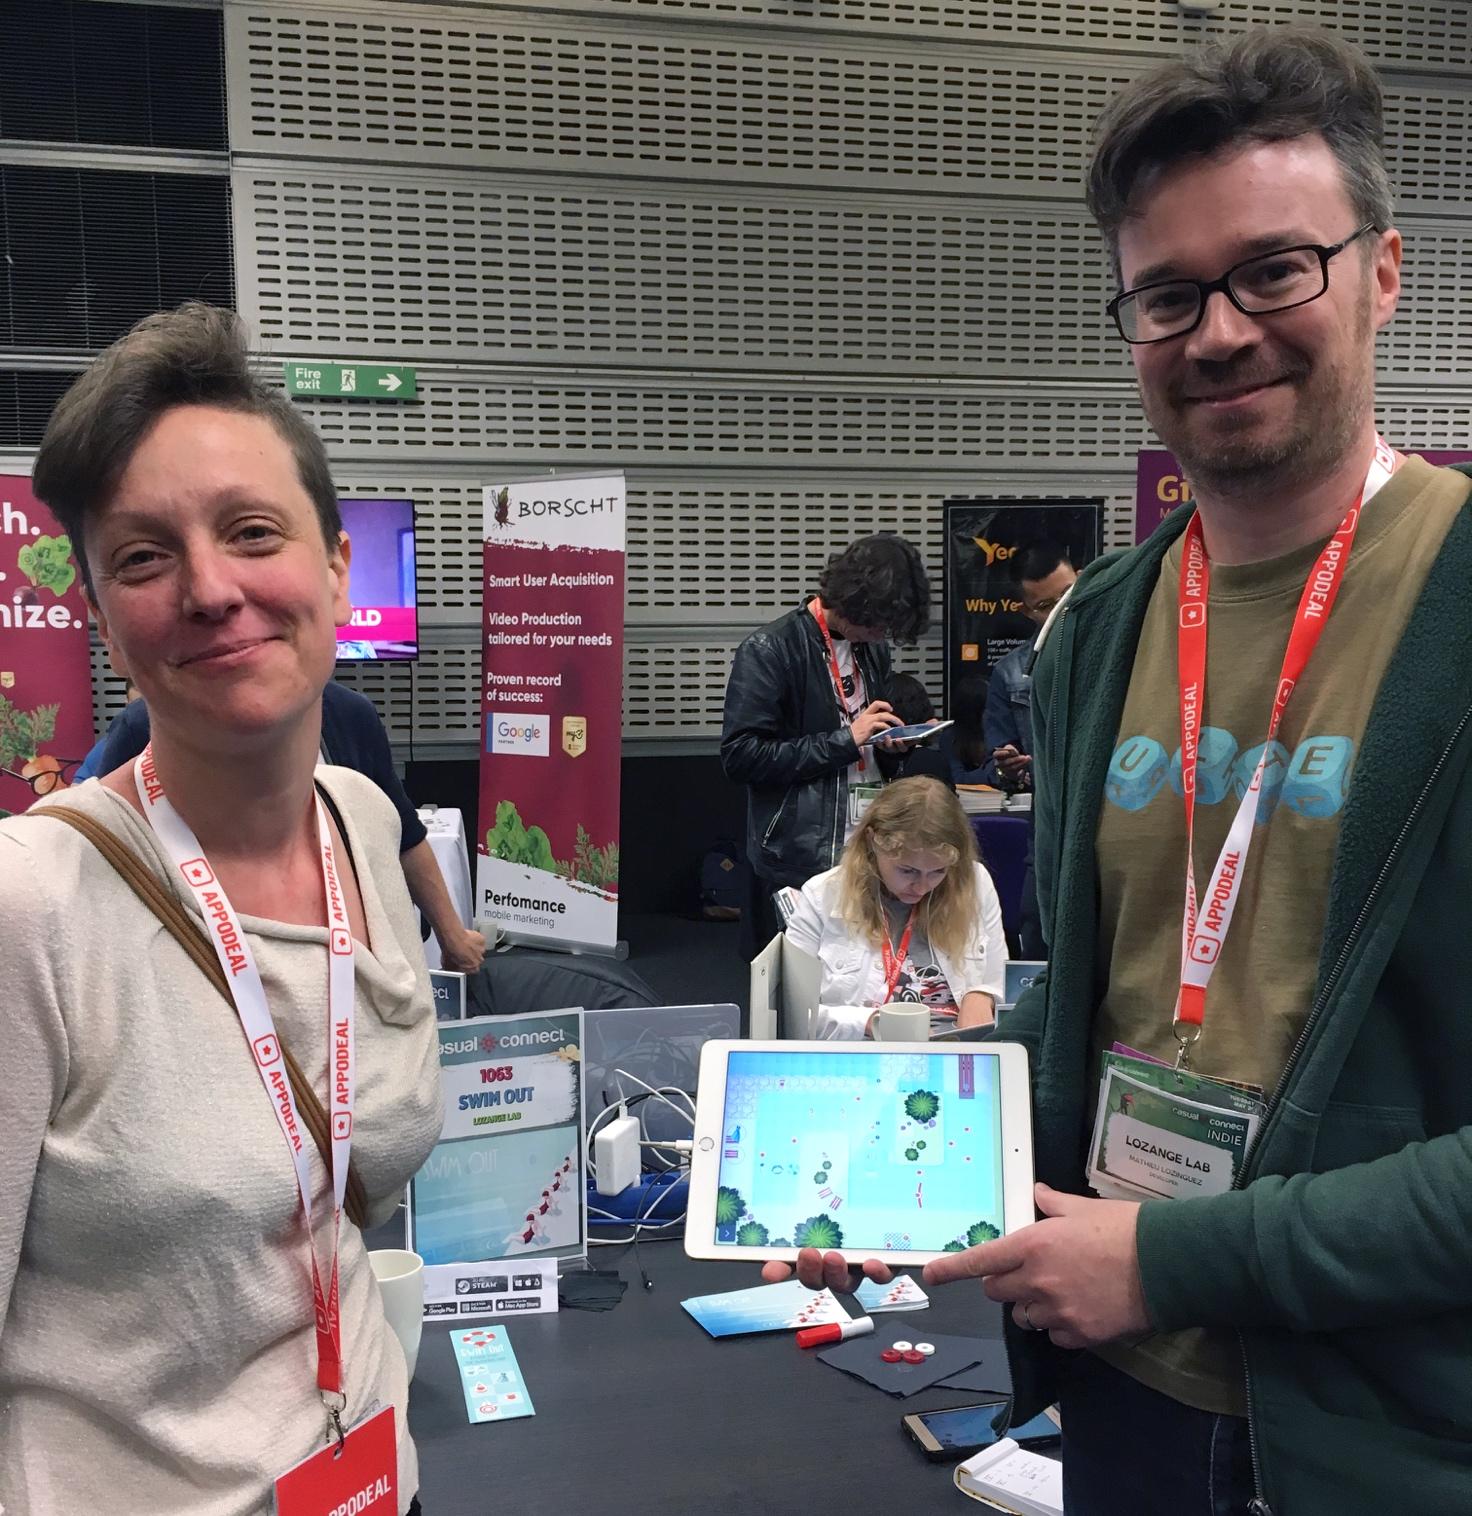 Augusta et Mathieu, les développeurs du jeu vidéo Swim Out